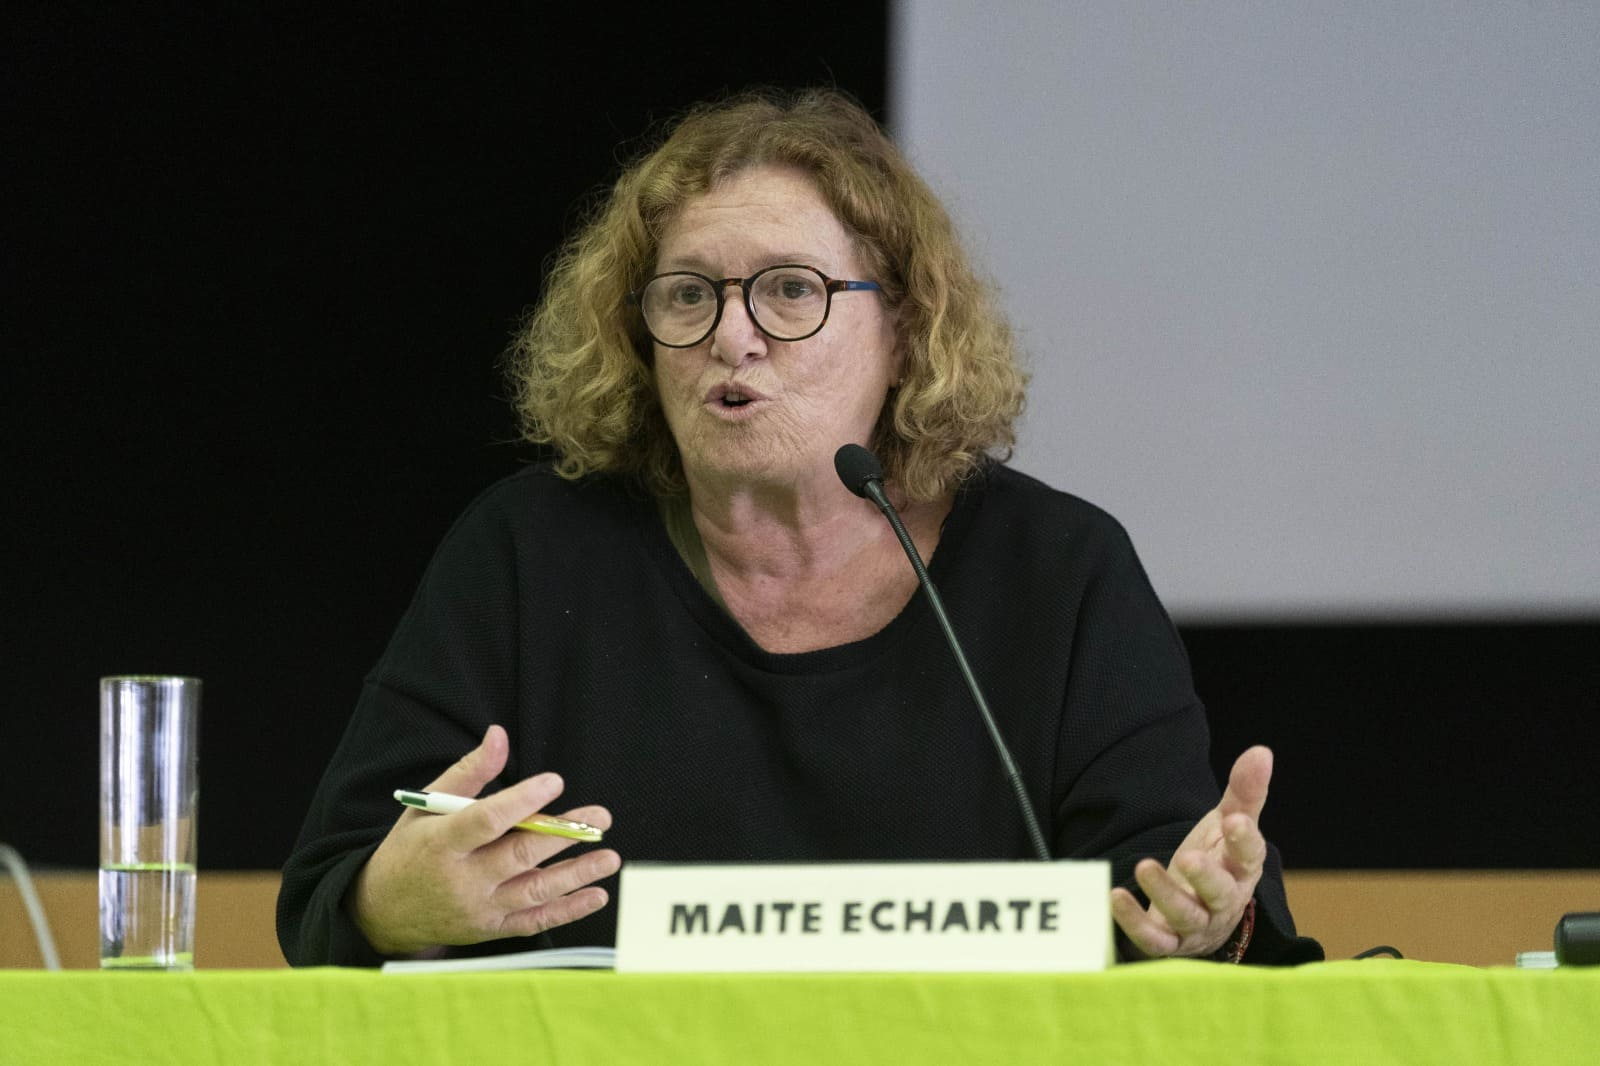 Maite Echarte, Asociación Prodein VIII Seminario De La Red ECG ©Guillermo Sanz para OXFAM Intermon